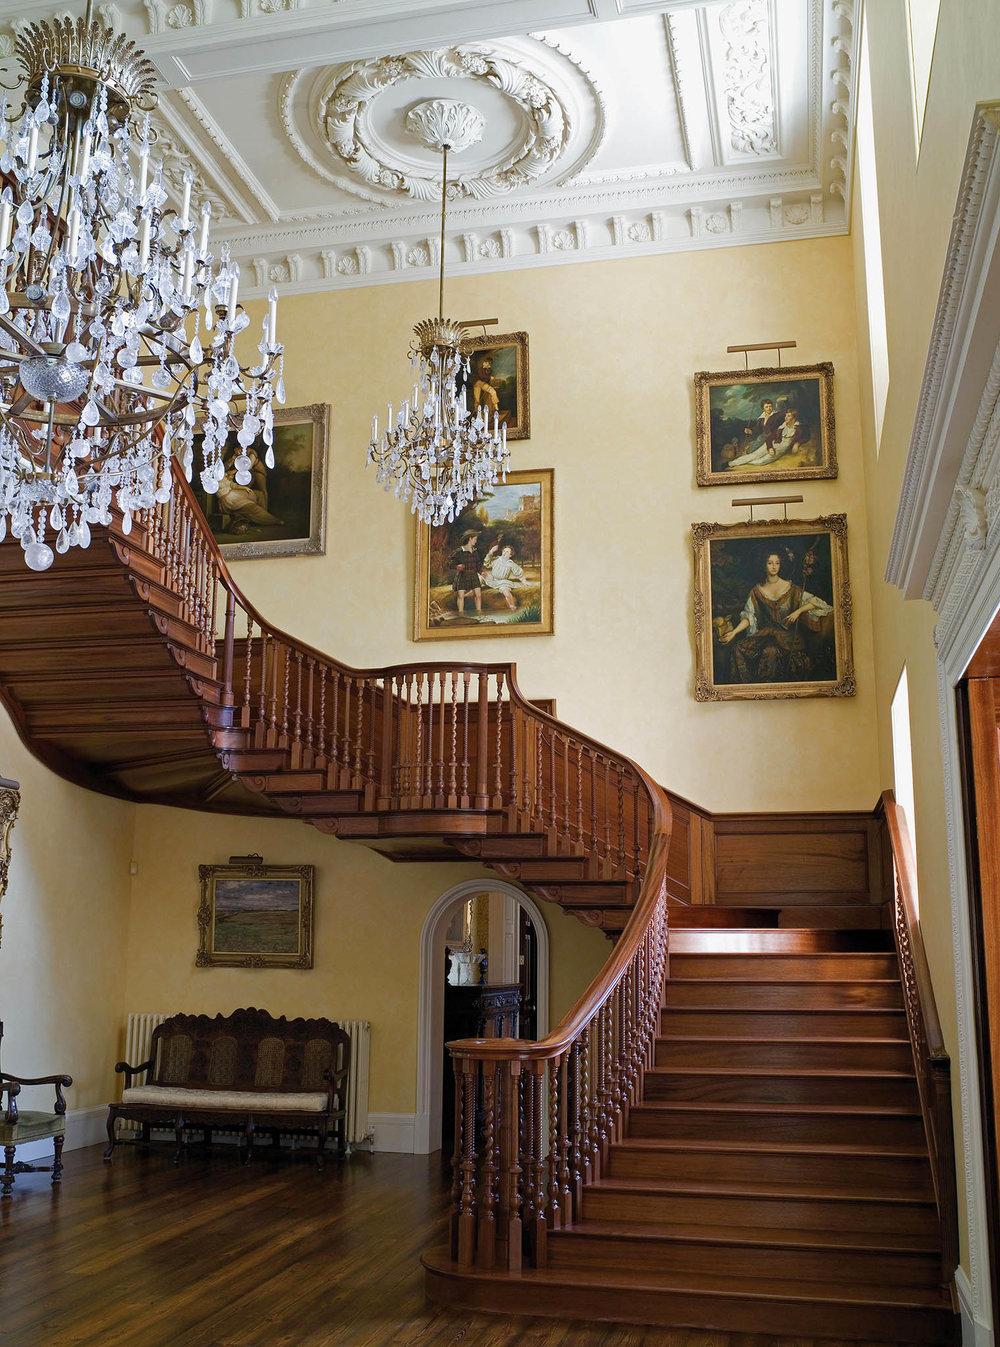 祖先們的肖像畫懸掛在樓梯的轉折處,俯瞰著典雅華麗的門廳。Photo courtesy of Spencer-Churchill Designs Ltd, T/A Woodstock Designs